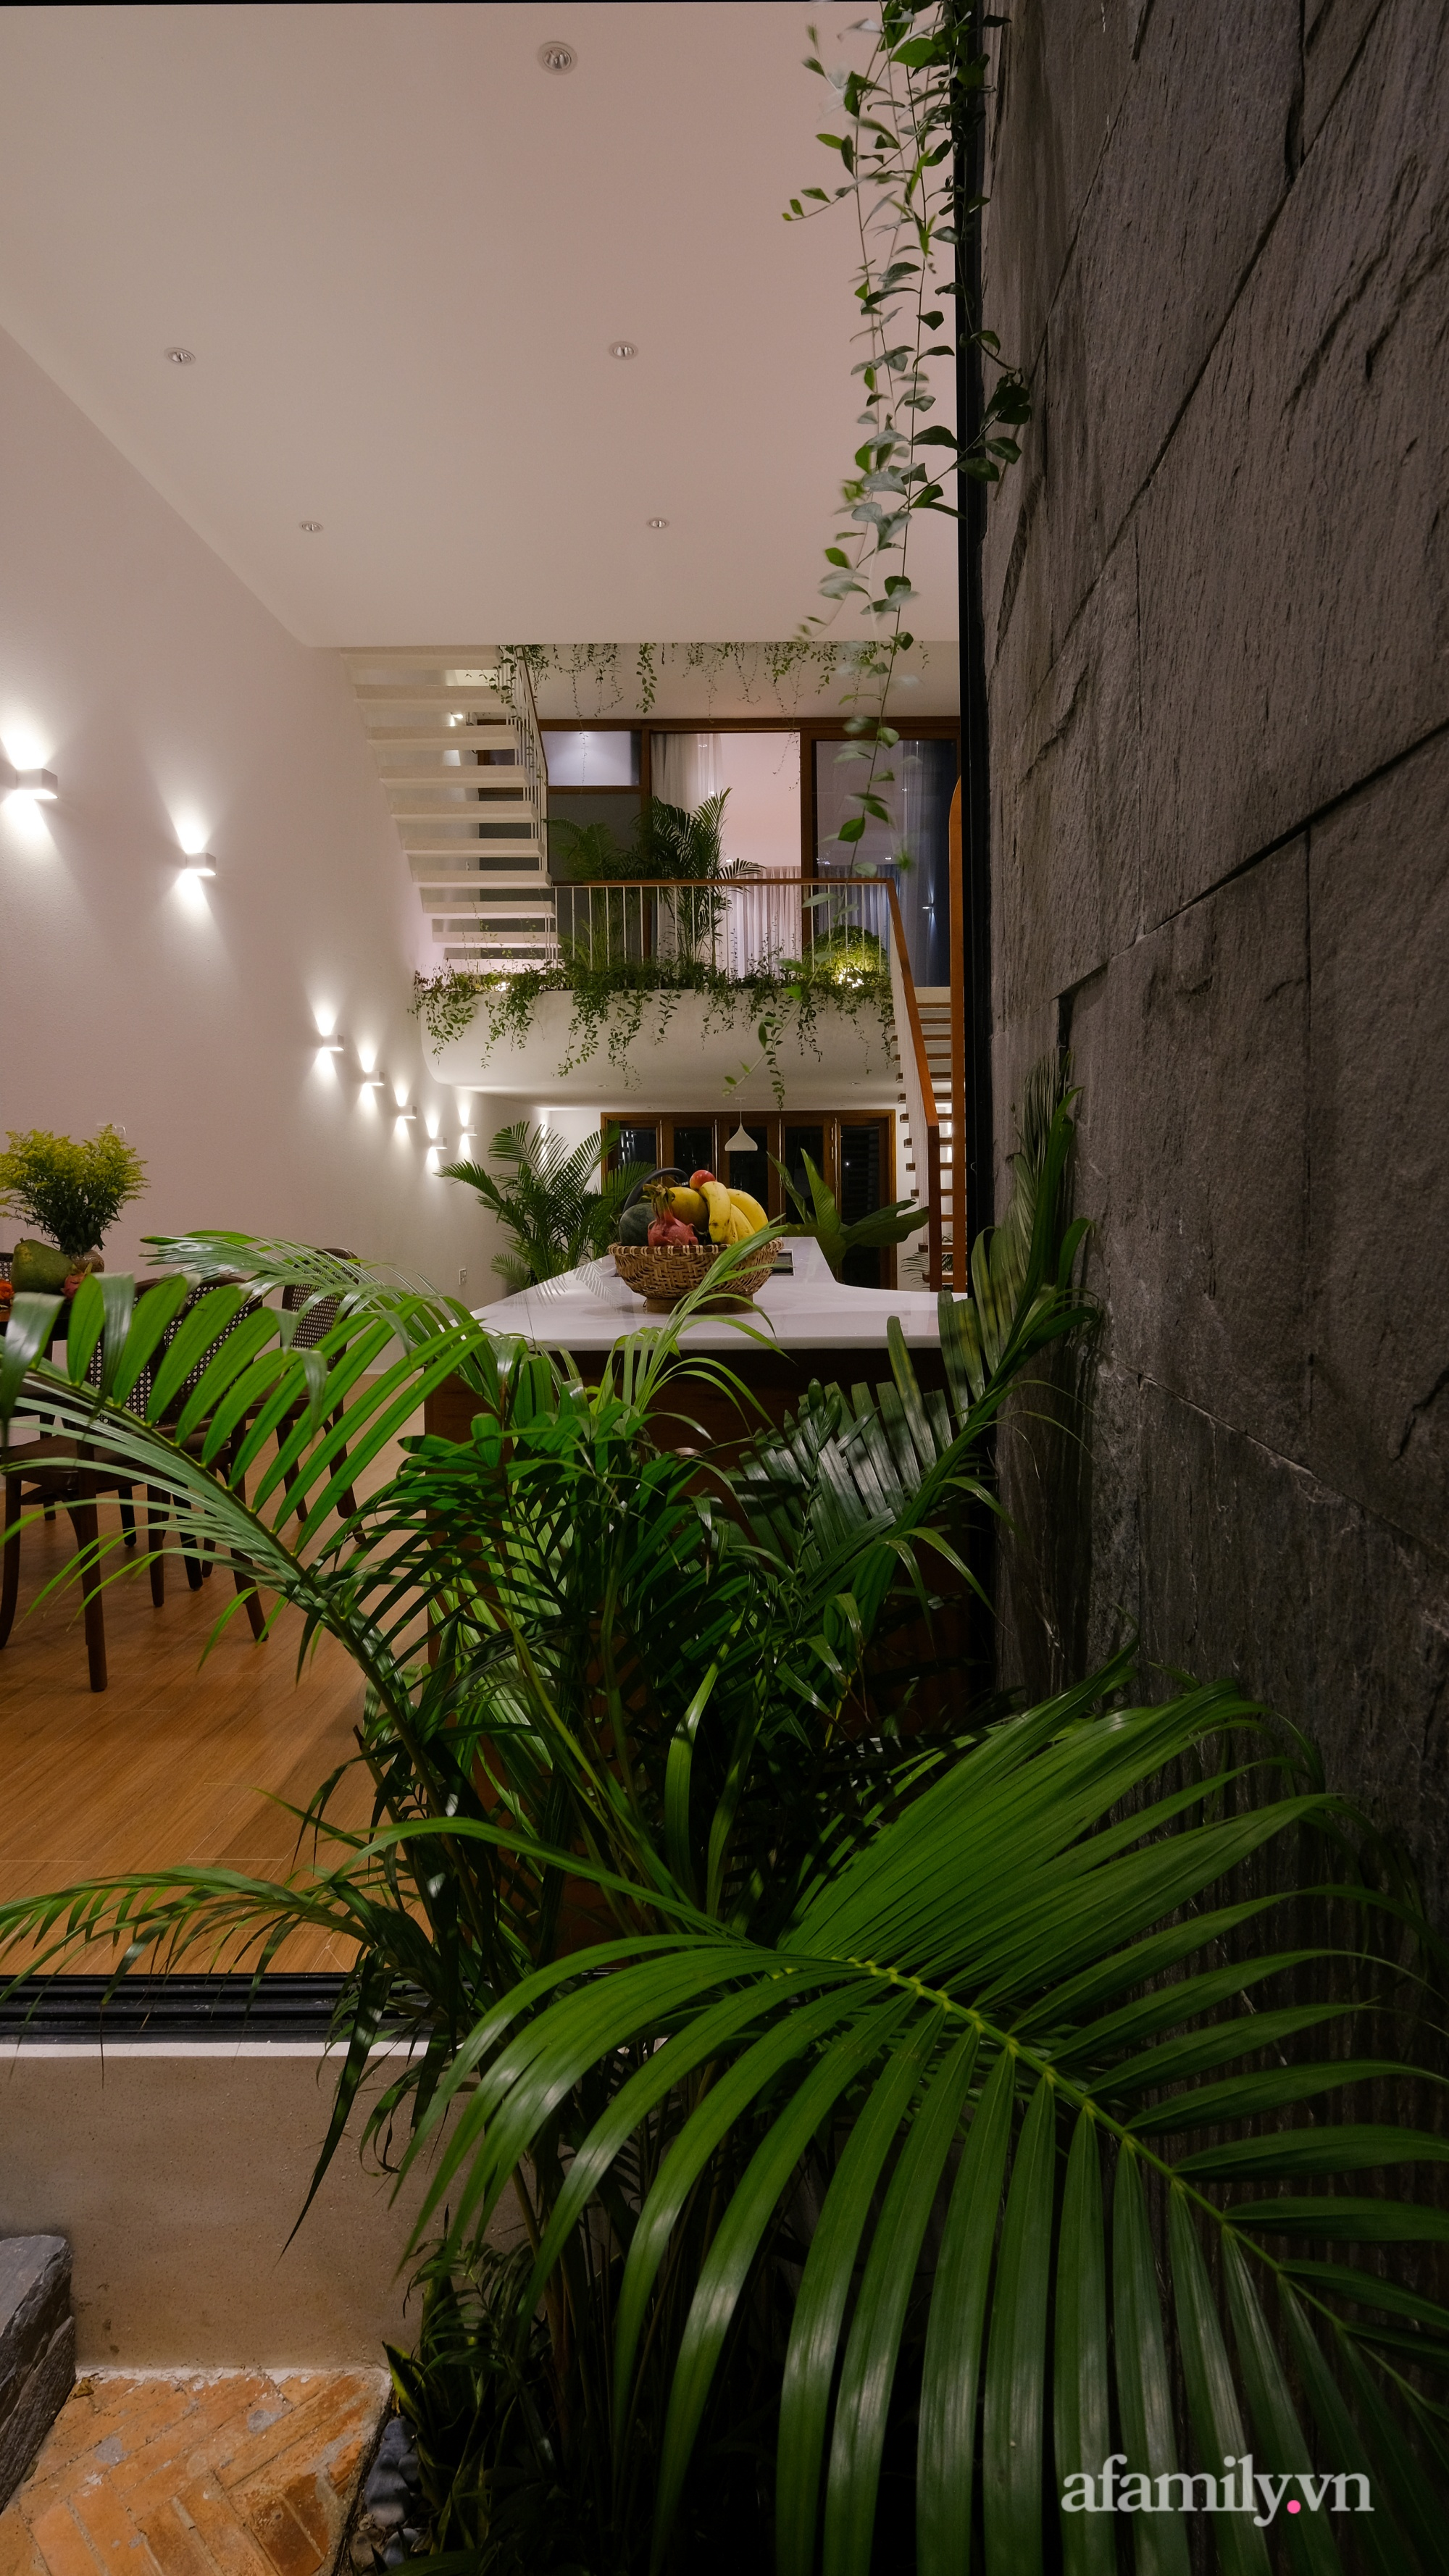 Nhà phố hướng Tây vẫn mát mẻ không cần điều hòa nhờ thiết kế gần gũi với thiên nhiên ở Nha Trang - Ảnh 10.